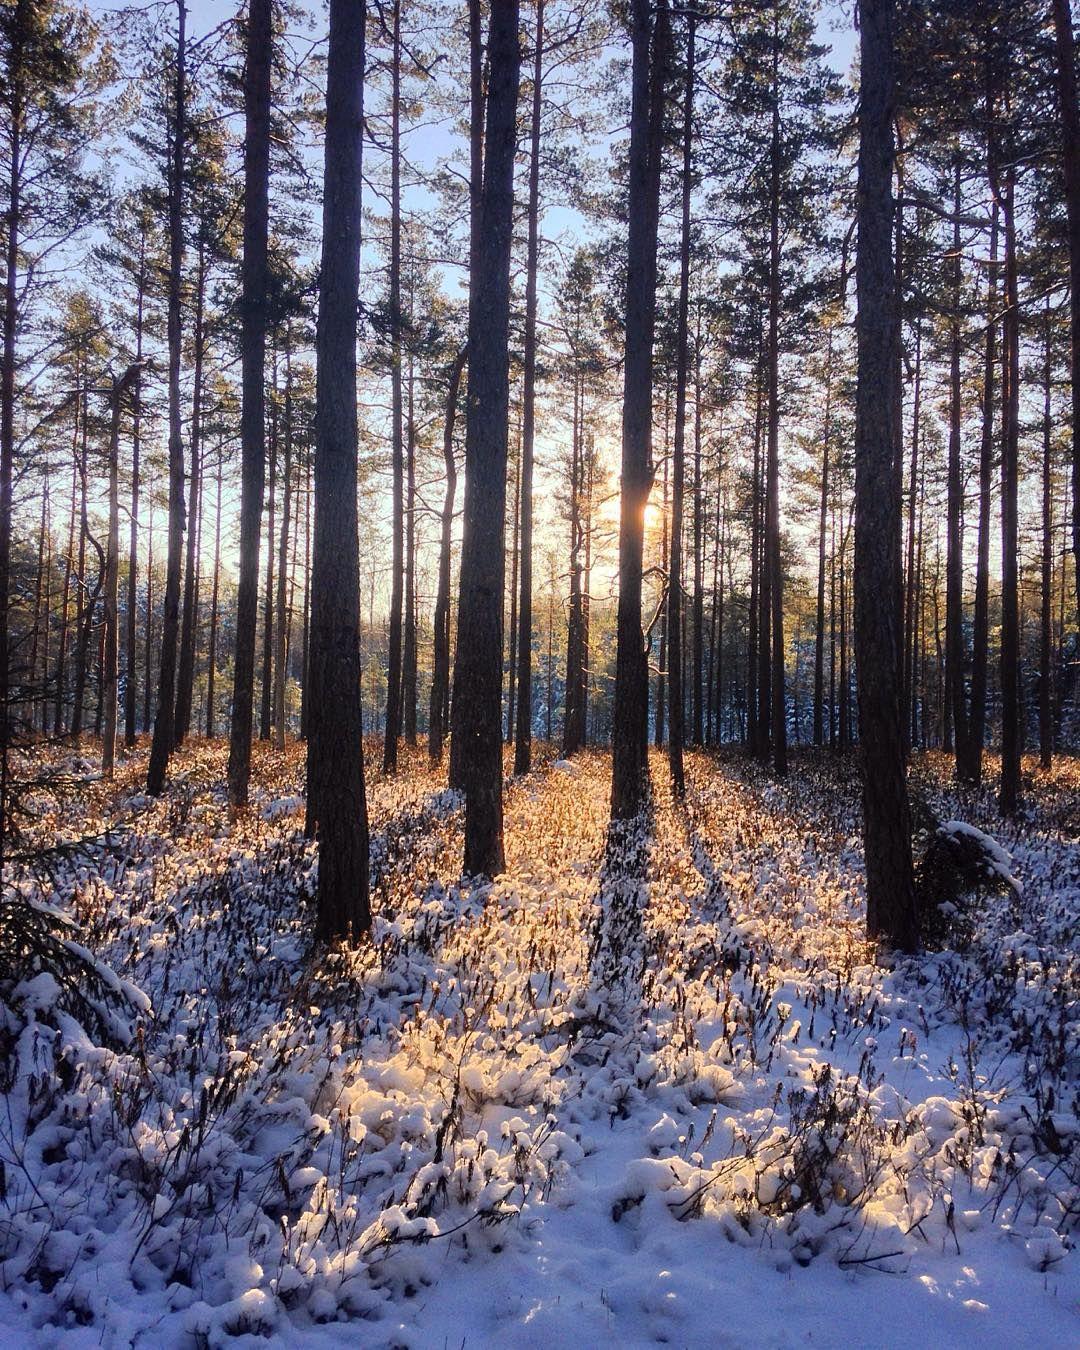 This made my day! The beauty of nature!  . . #outdoors #ig_gods #ig_week #igsweden #sweden #småland #skogen #thebestofscandinavia #winter #ig_week_sunsets #ig_week_scandinavia #tree_magic #forest_masters #wu_sweden #iphone5 #loves_sweden #igscadinavia #sweden_photolovers #ig_countryside #travelsweden #visiteksjö #visitsweden #folkgood by jennifer.sjogren